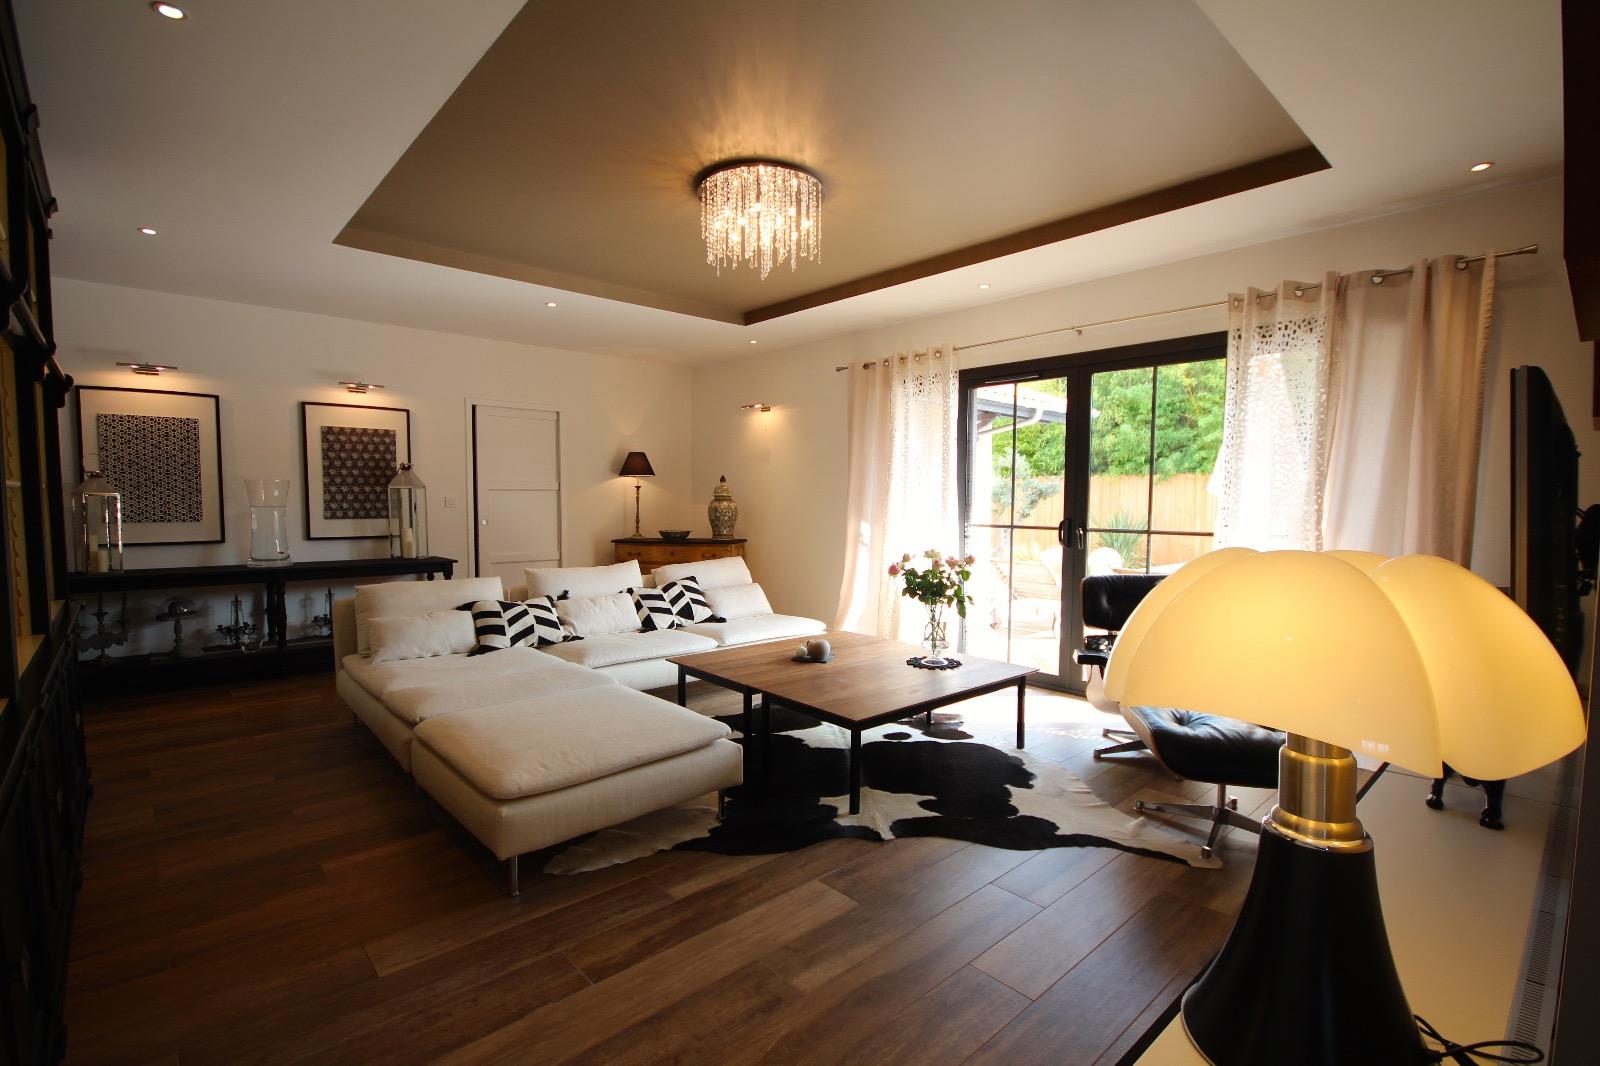 vente villa la teste de buch 33260 209m avec 5 pi ce s dont 4 chambre s sur 845m de. Black Bedroom Furniture Sets. Home Design Ideas